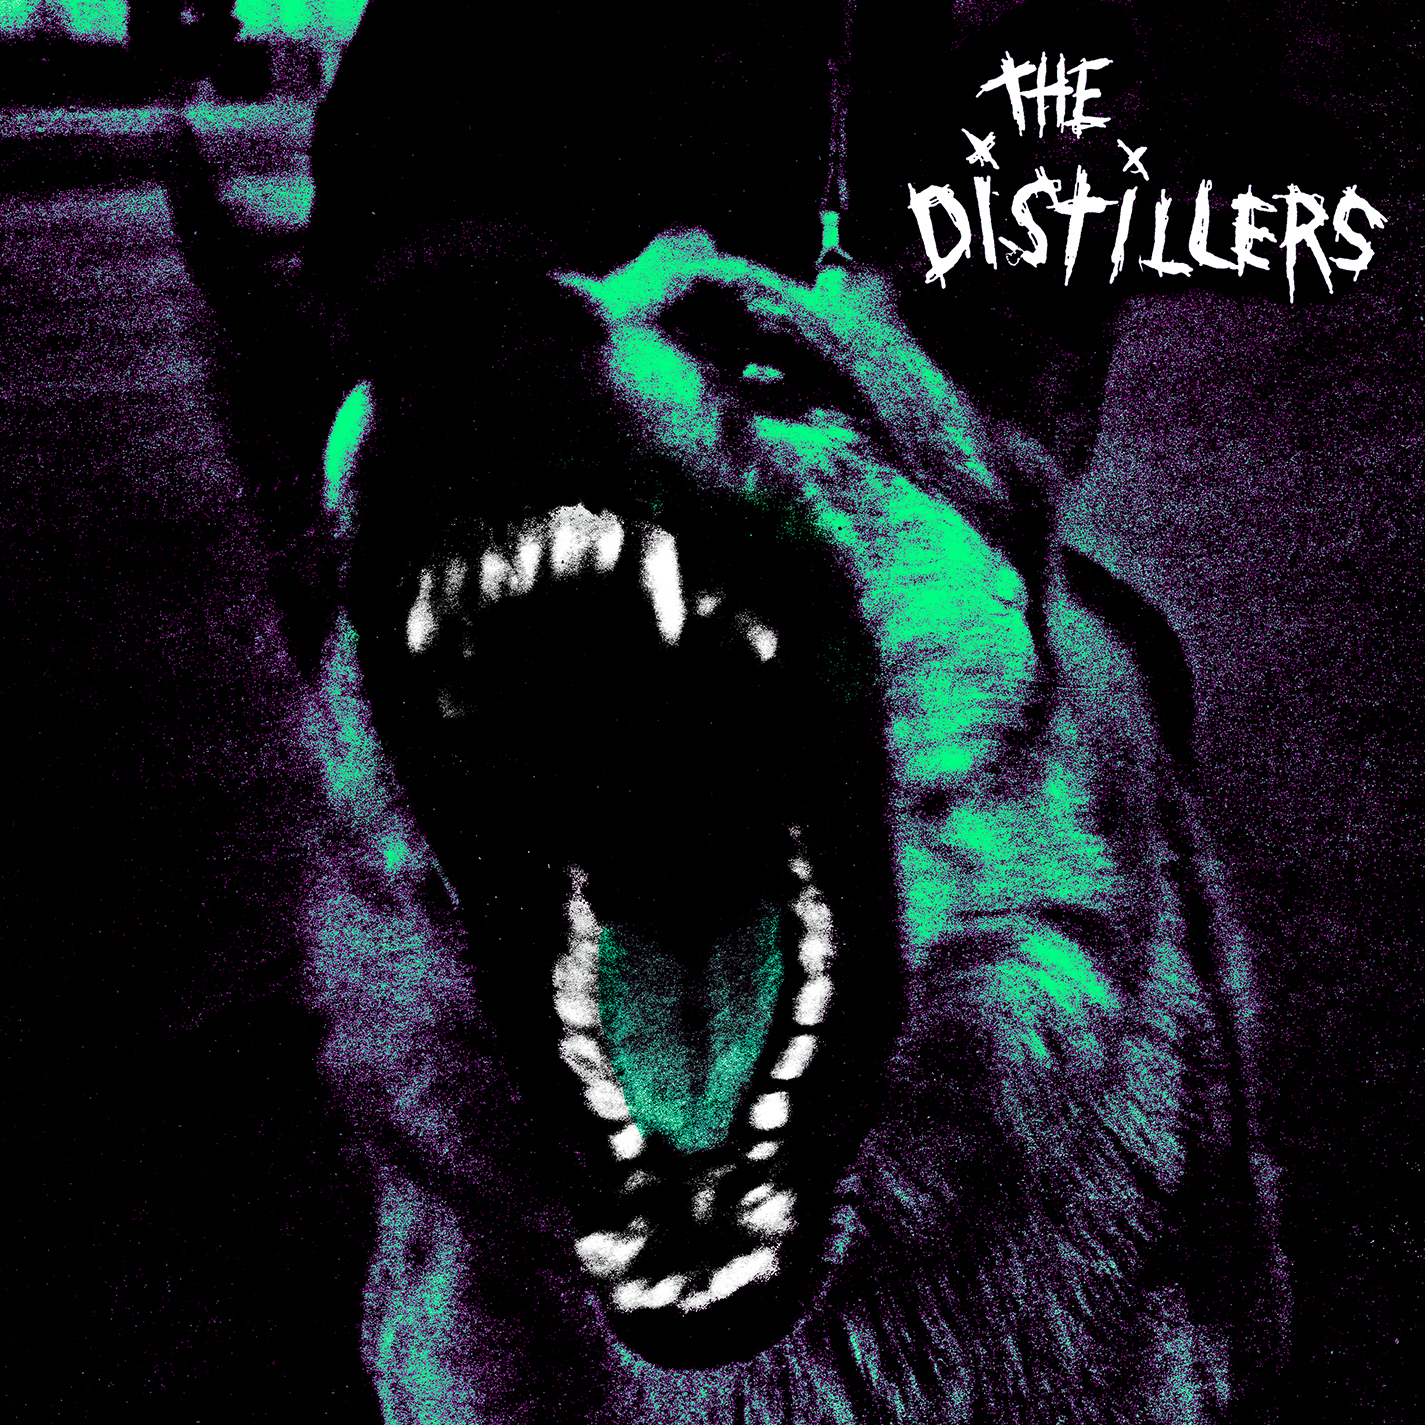 The Distillers album